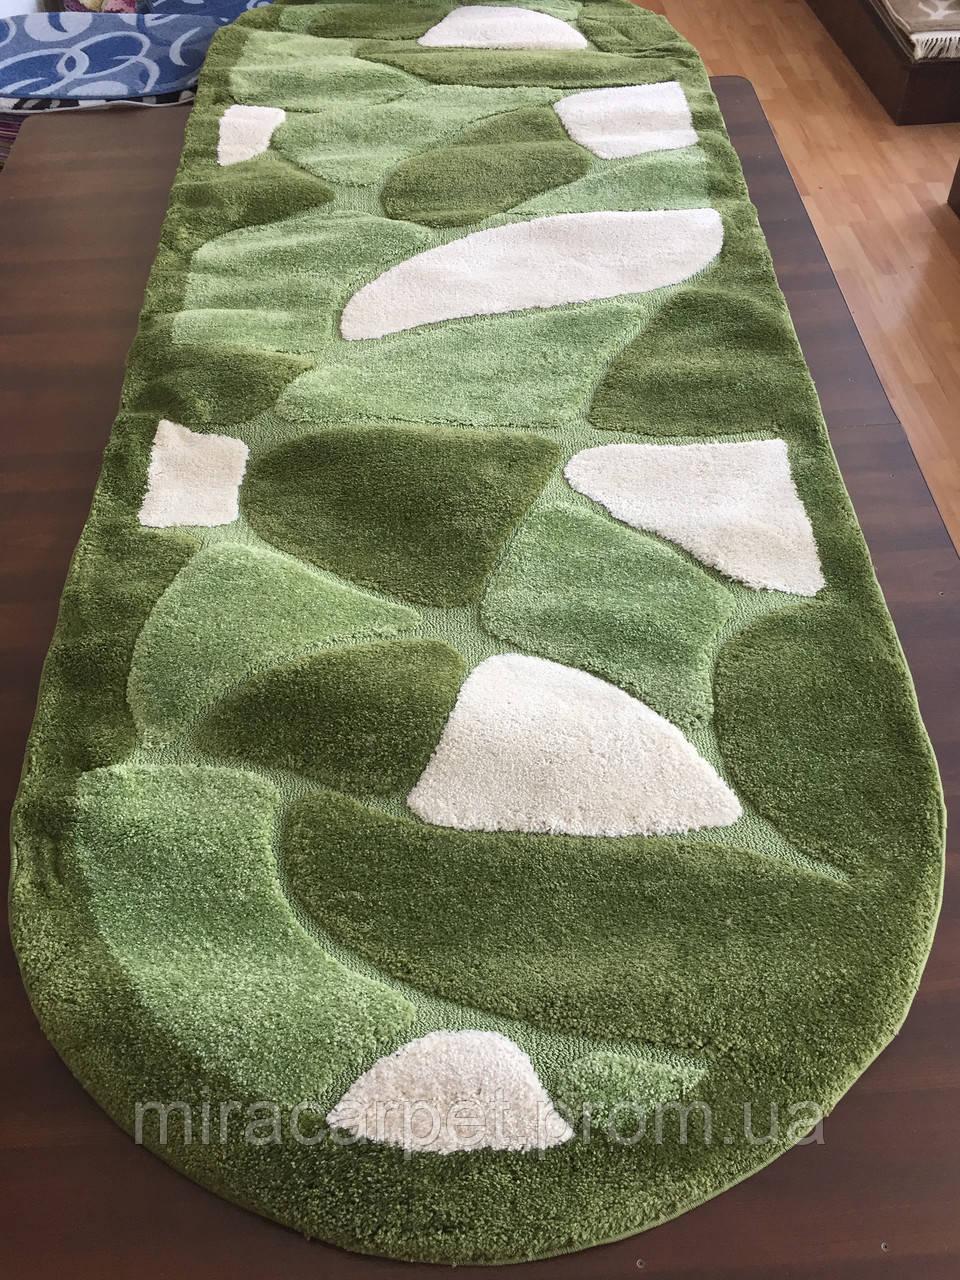 Ворсистый зеленый овальный ковер для дома